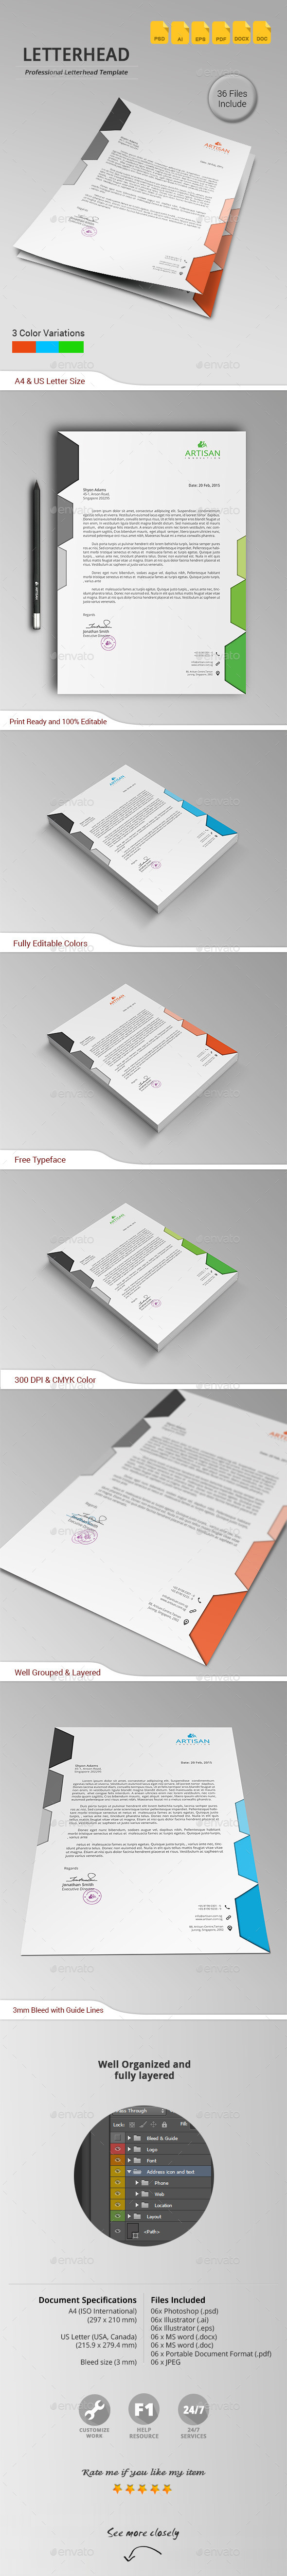 GraphicRiver Letterhead 11189933